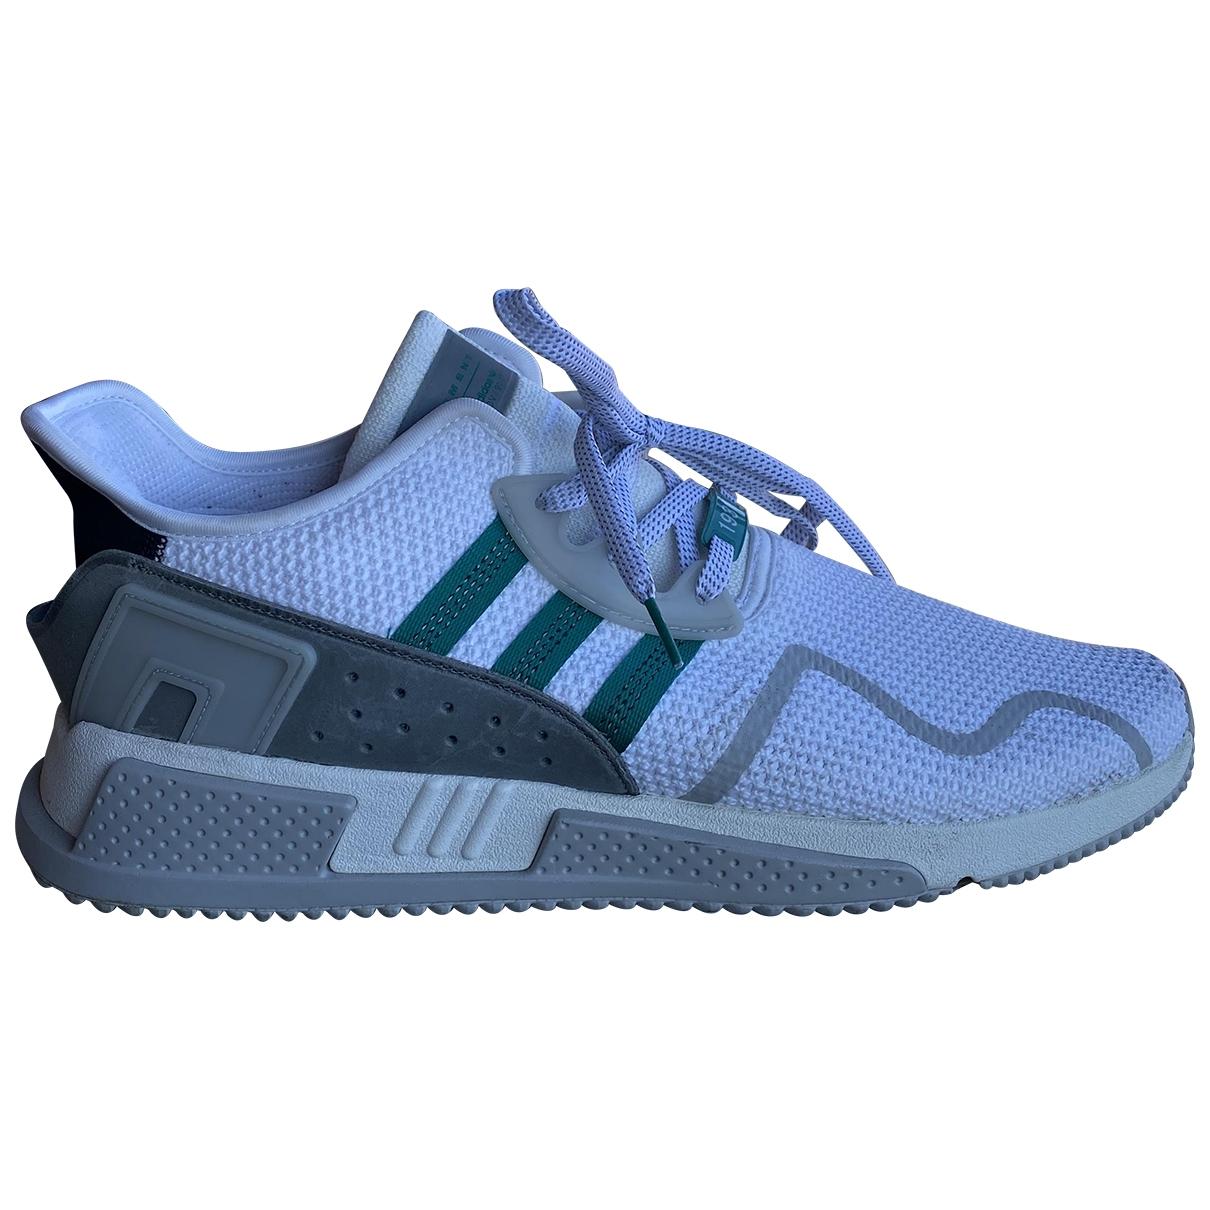 Adidas - Baskets EQT Support pour homme en toile - blanc